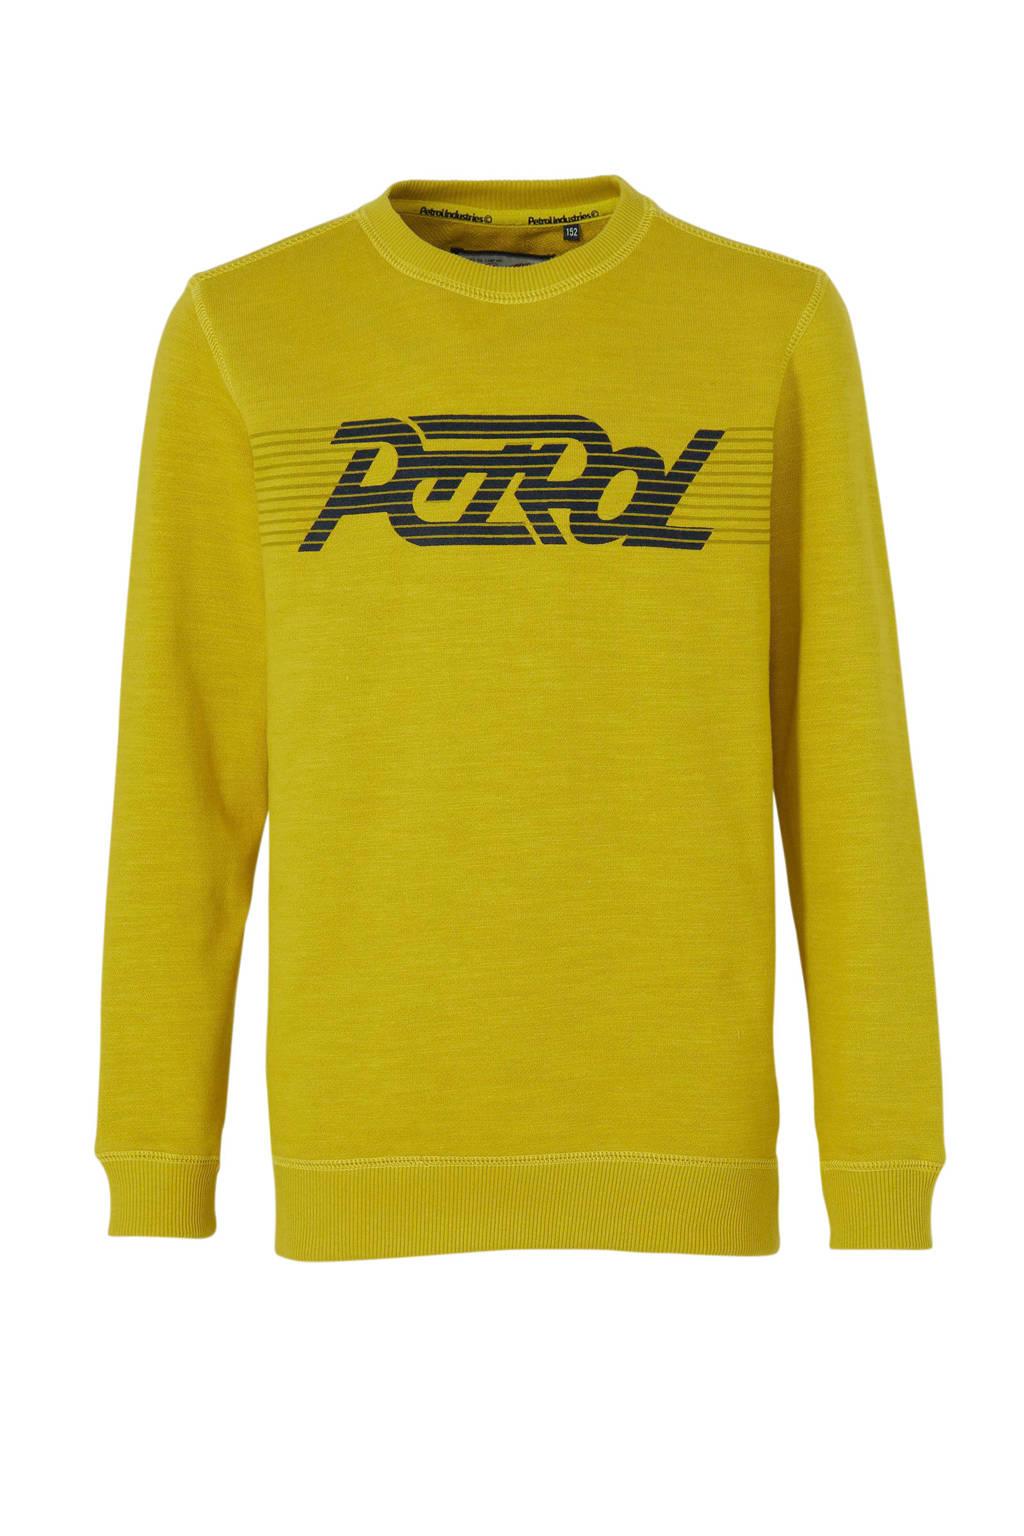 Petrol Industries sweater met logo geel, Geel